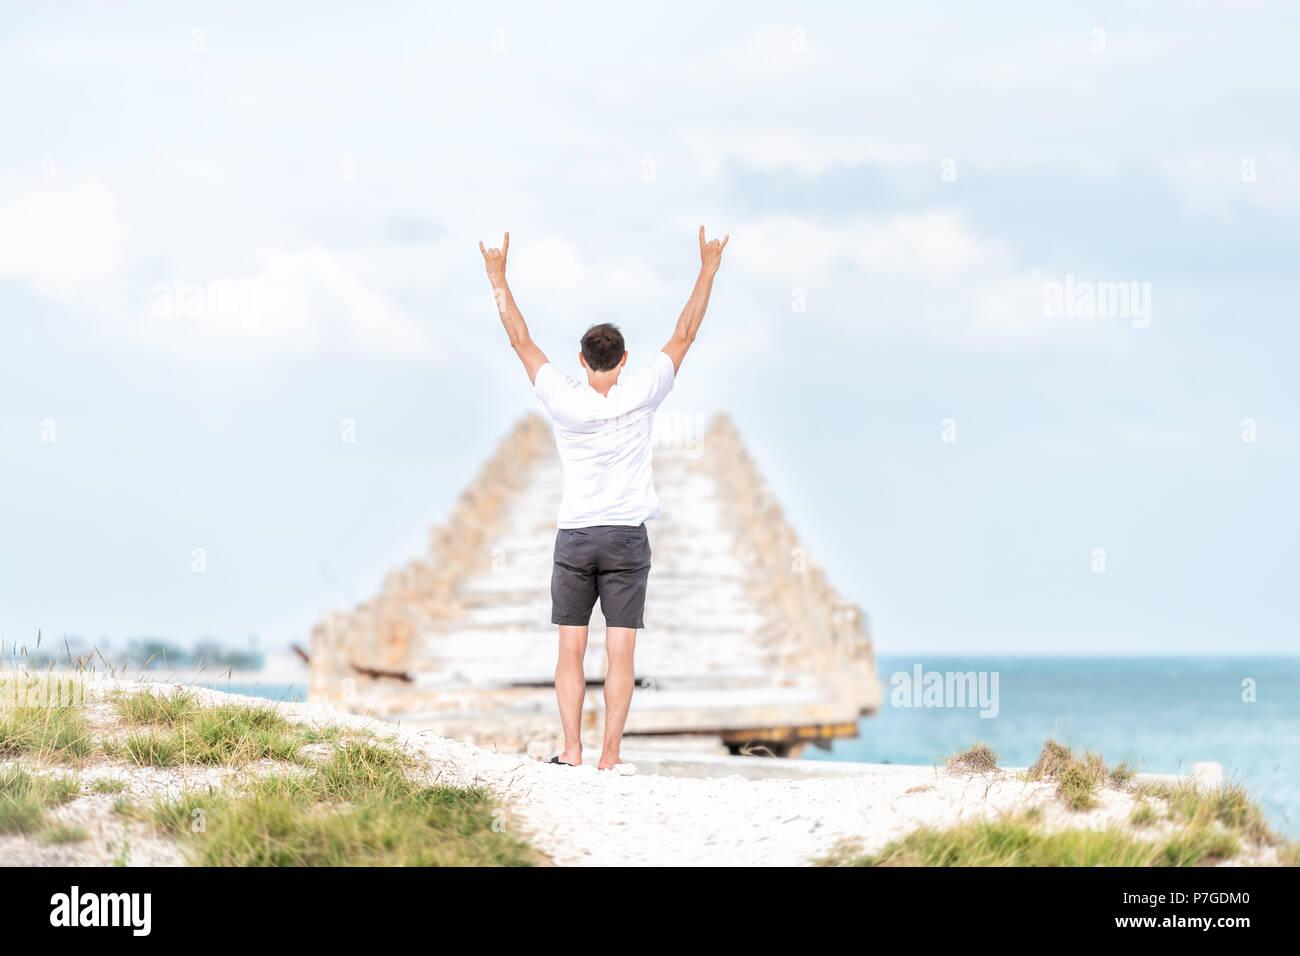 Giovane uomo in piedi di fronte a Cavalieri Key-Pigeon Key-Moser Channel-Pacet Canale (Ponte Vecchio Seven Mile Bridge) con entrambe le braccia sollevate in aria Immagini Stock